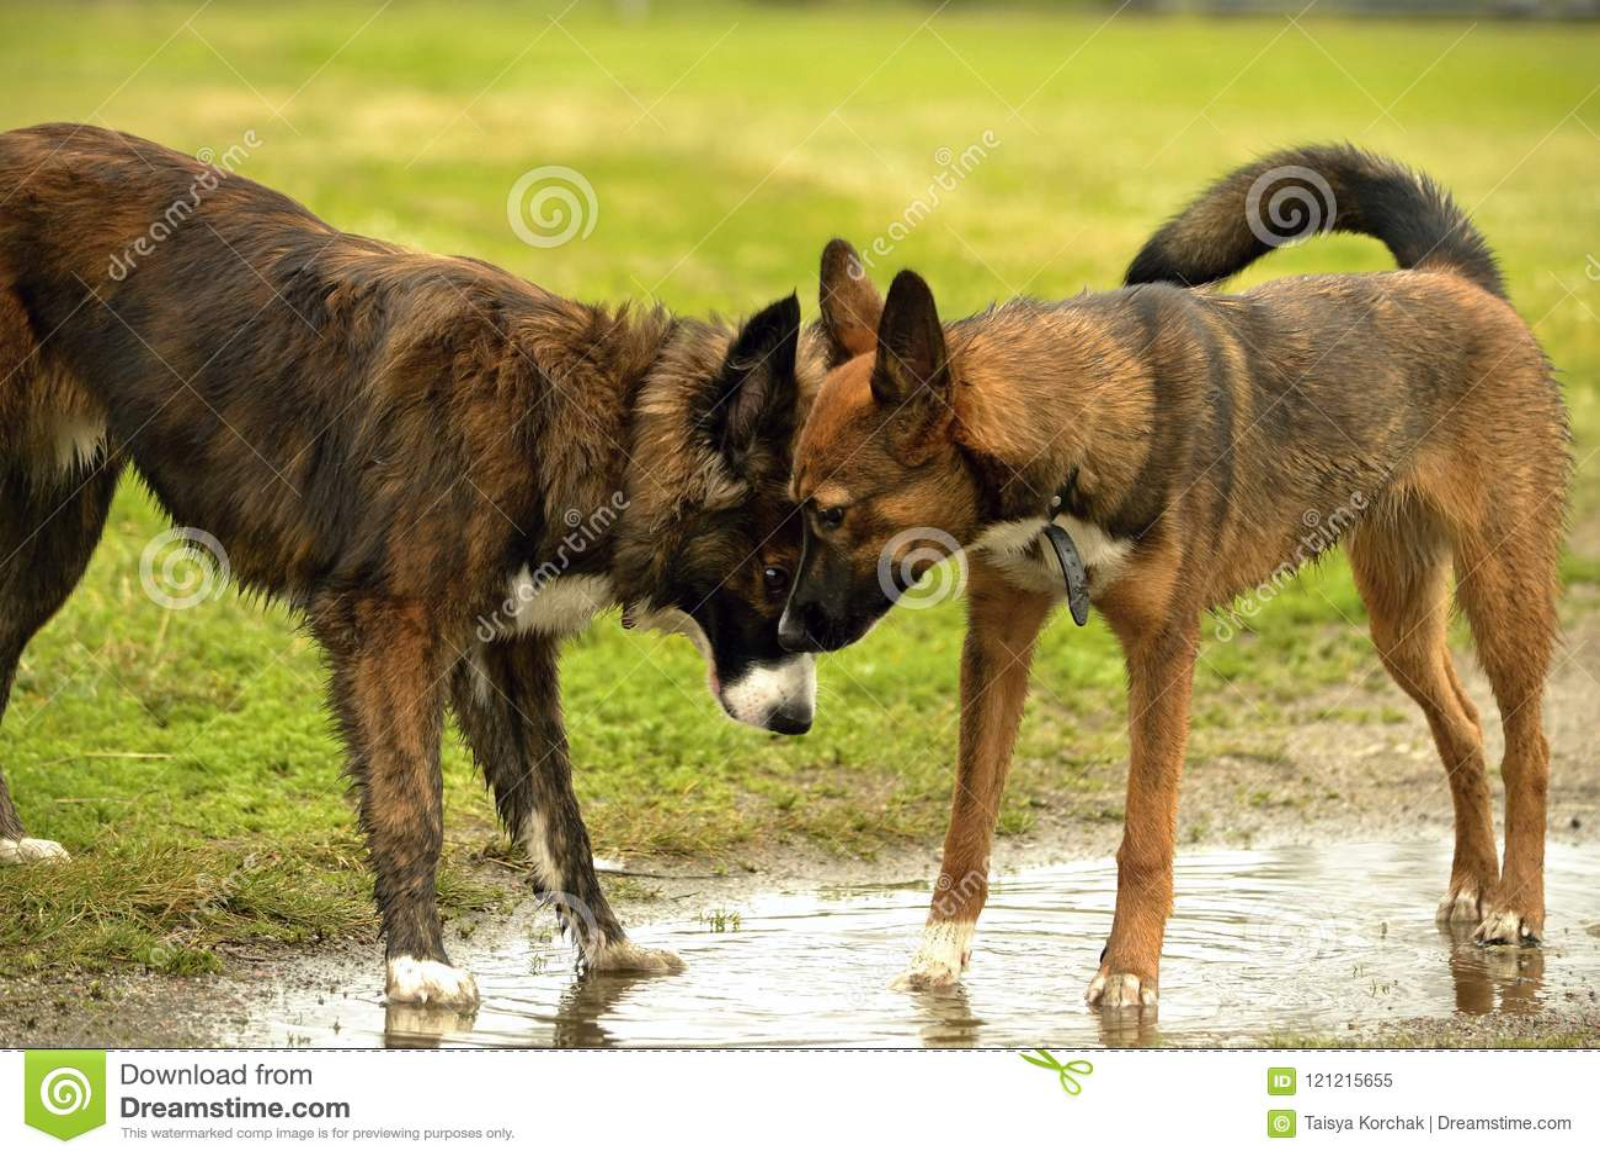 Emociones de animales Dos perros jovenes son amigos Interacción entre los perros Aspectos del comportamiento de animales